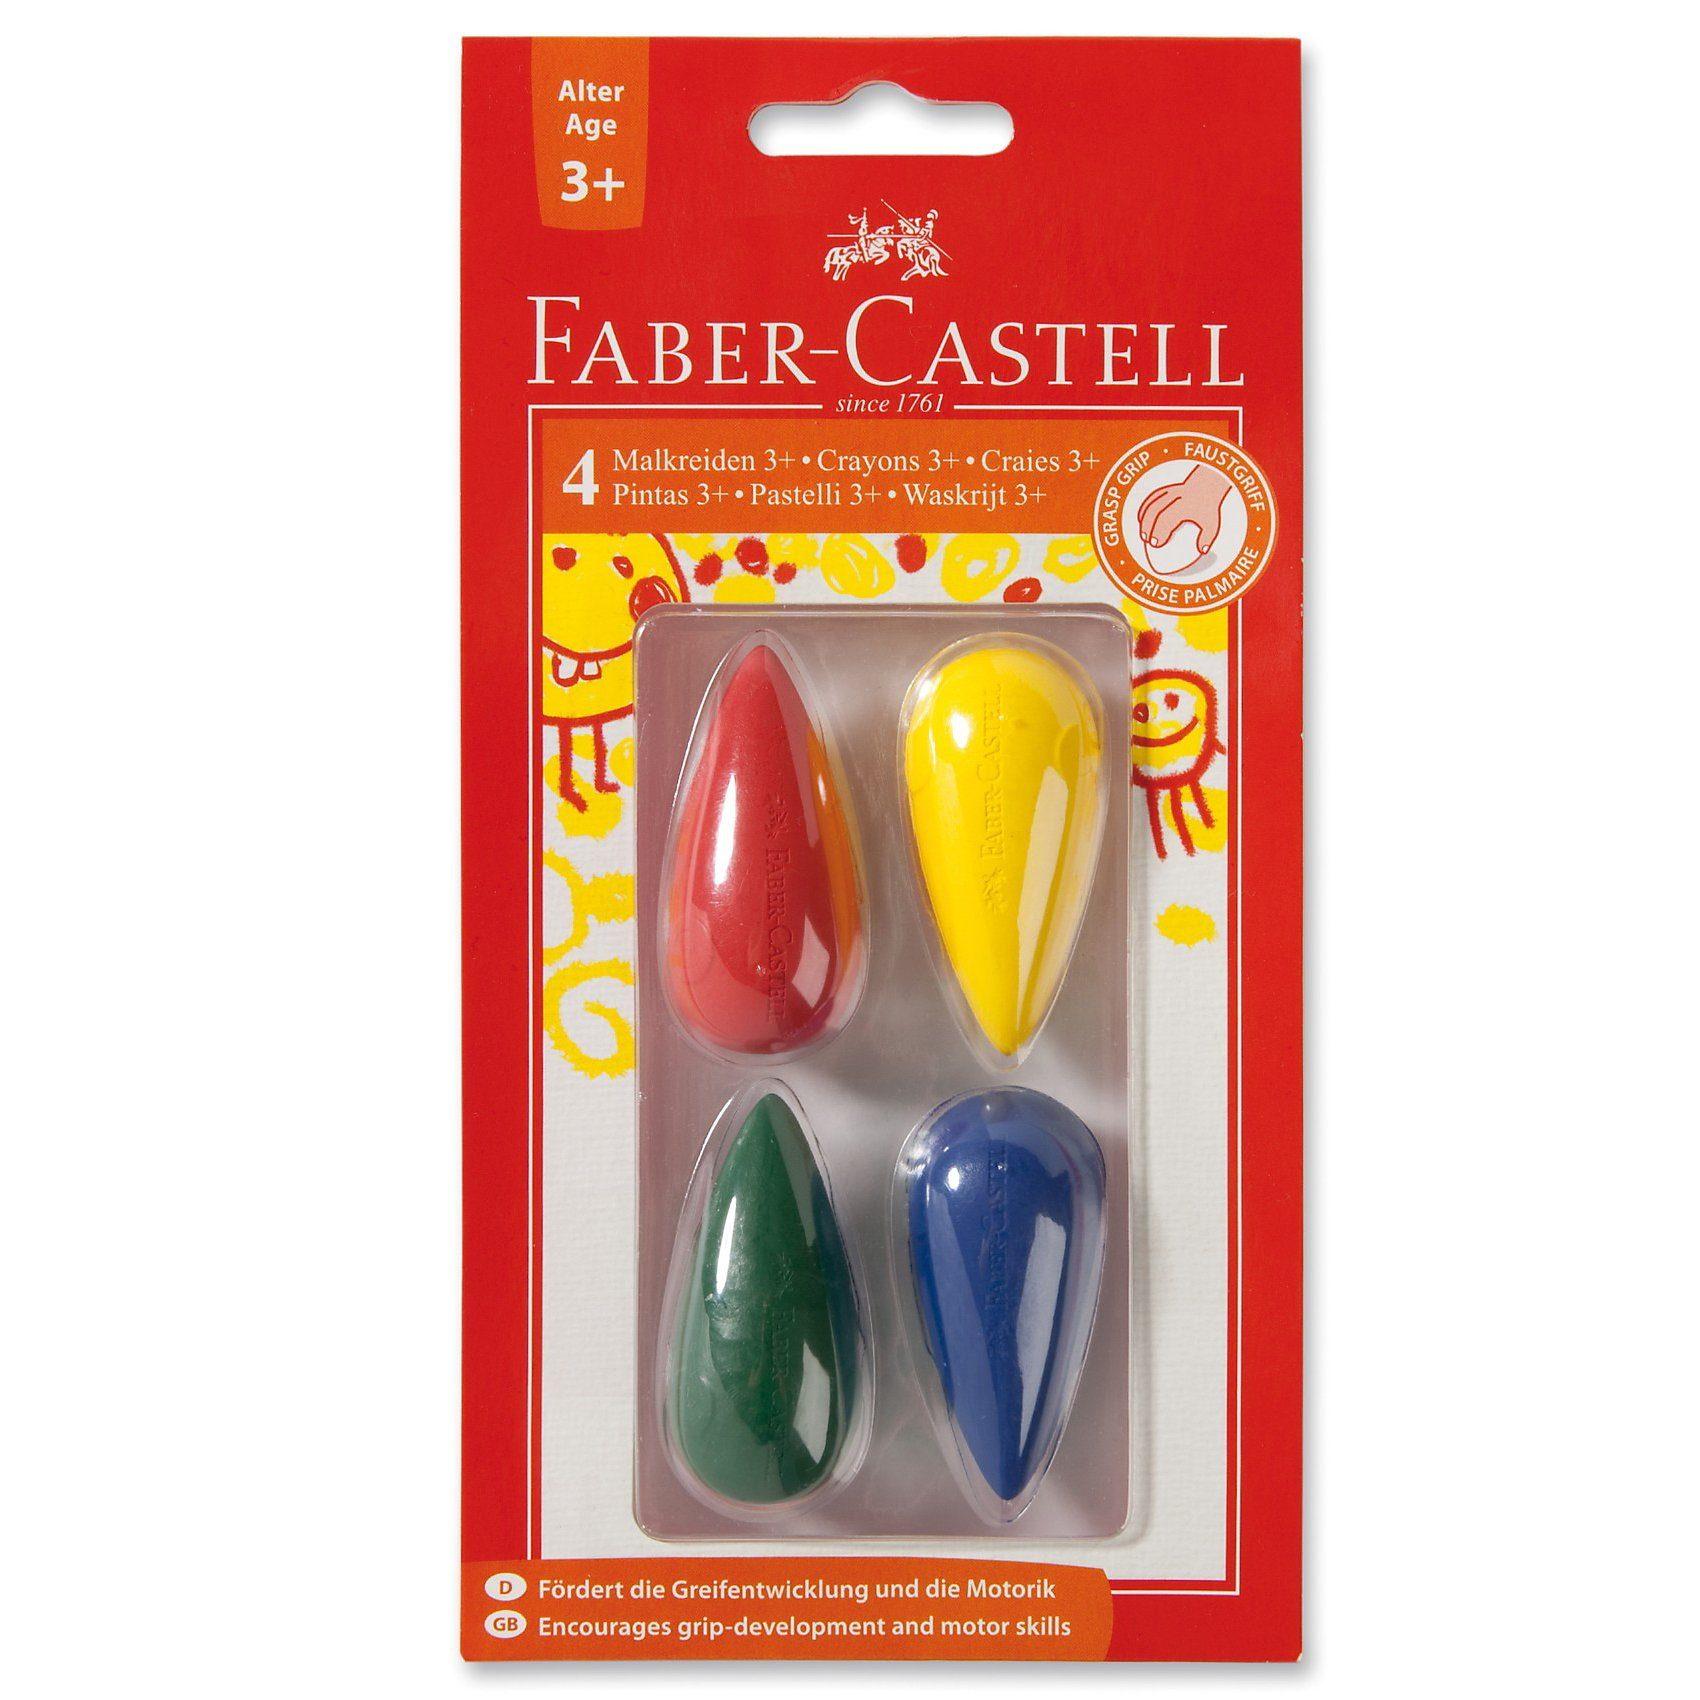 Faber-Castell Kleinkind-Wachsmalkreiden, Birnenform, 4 Farben